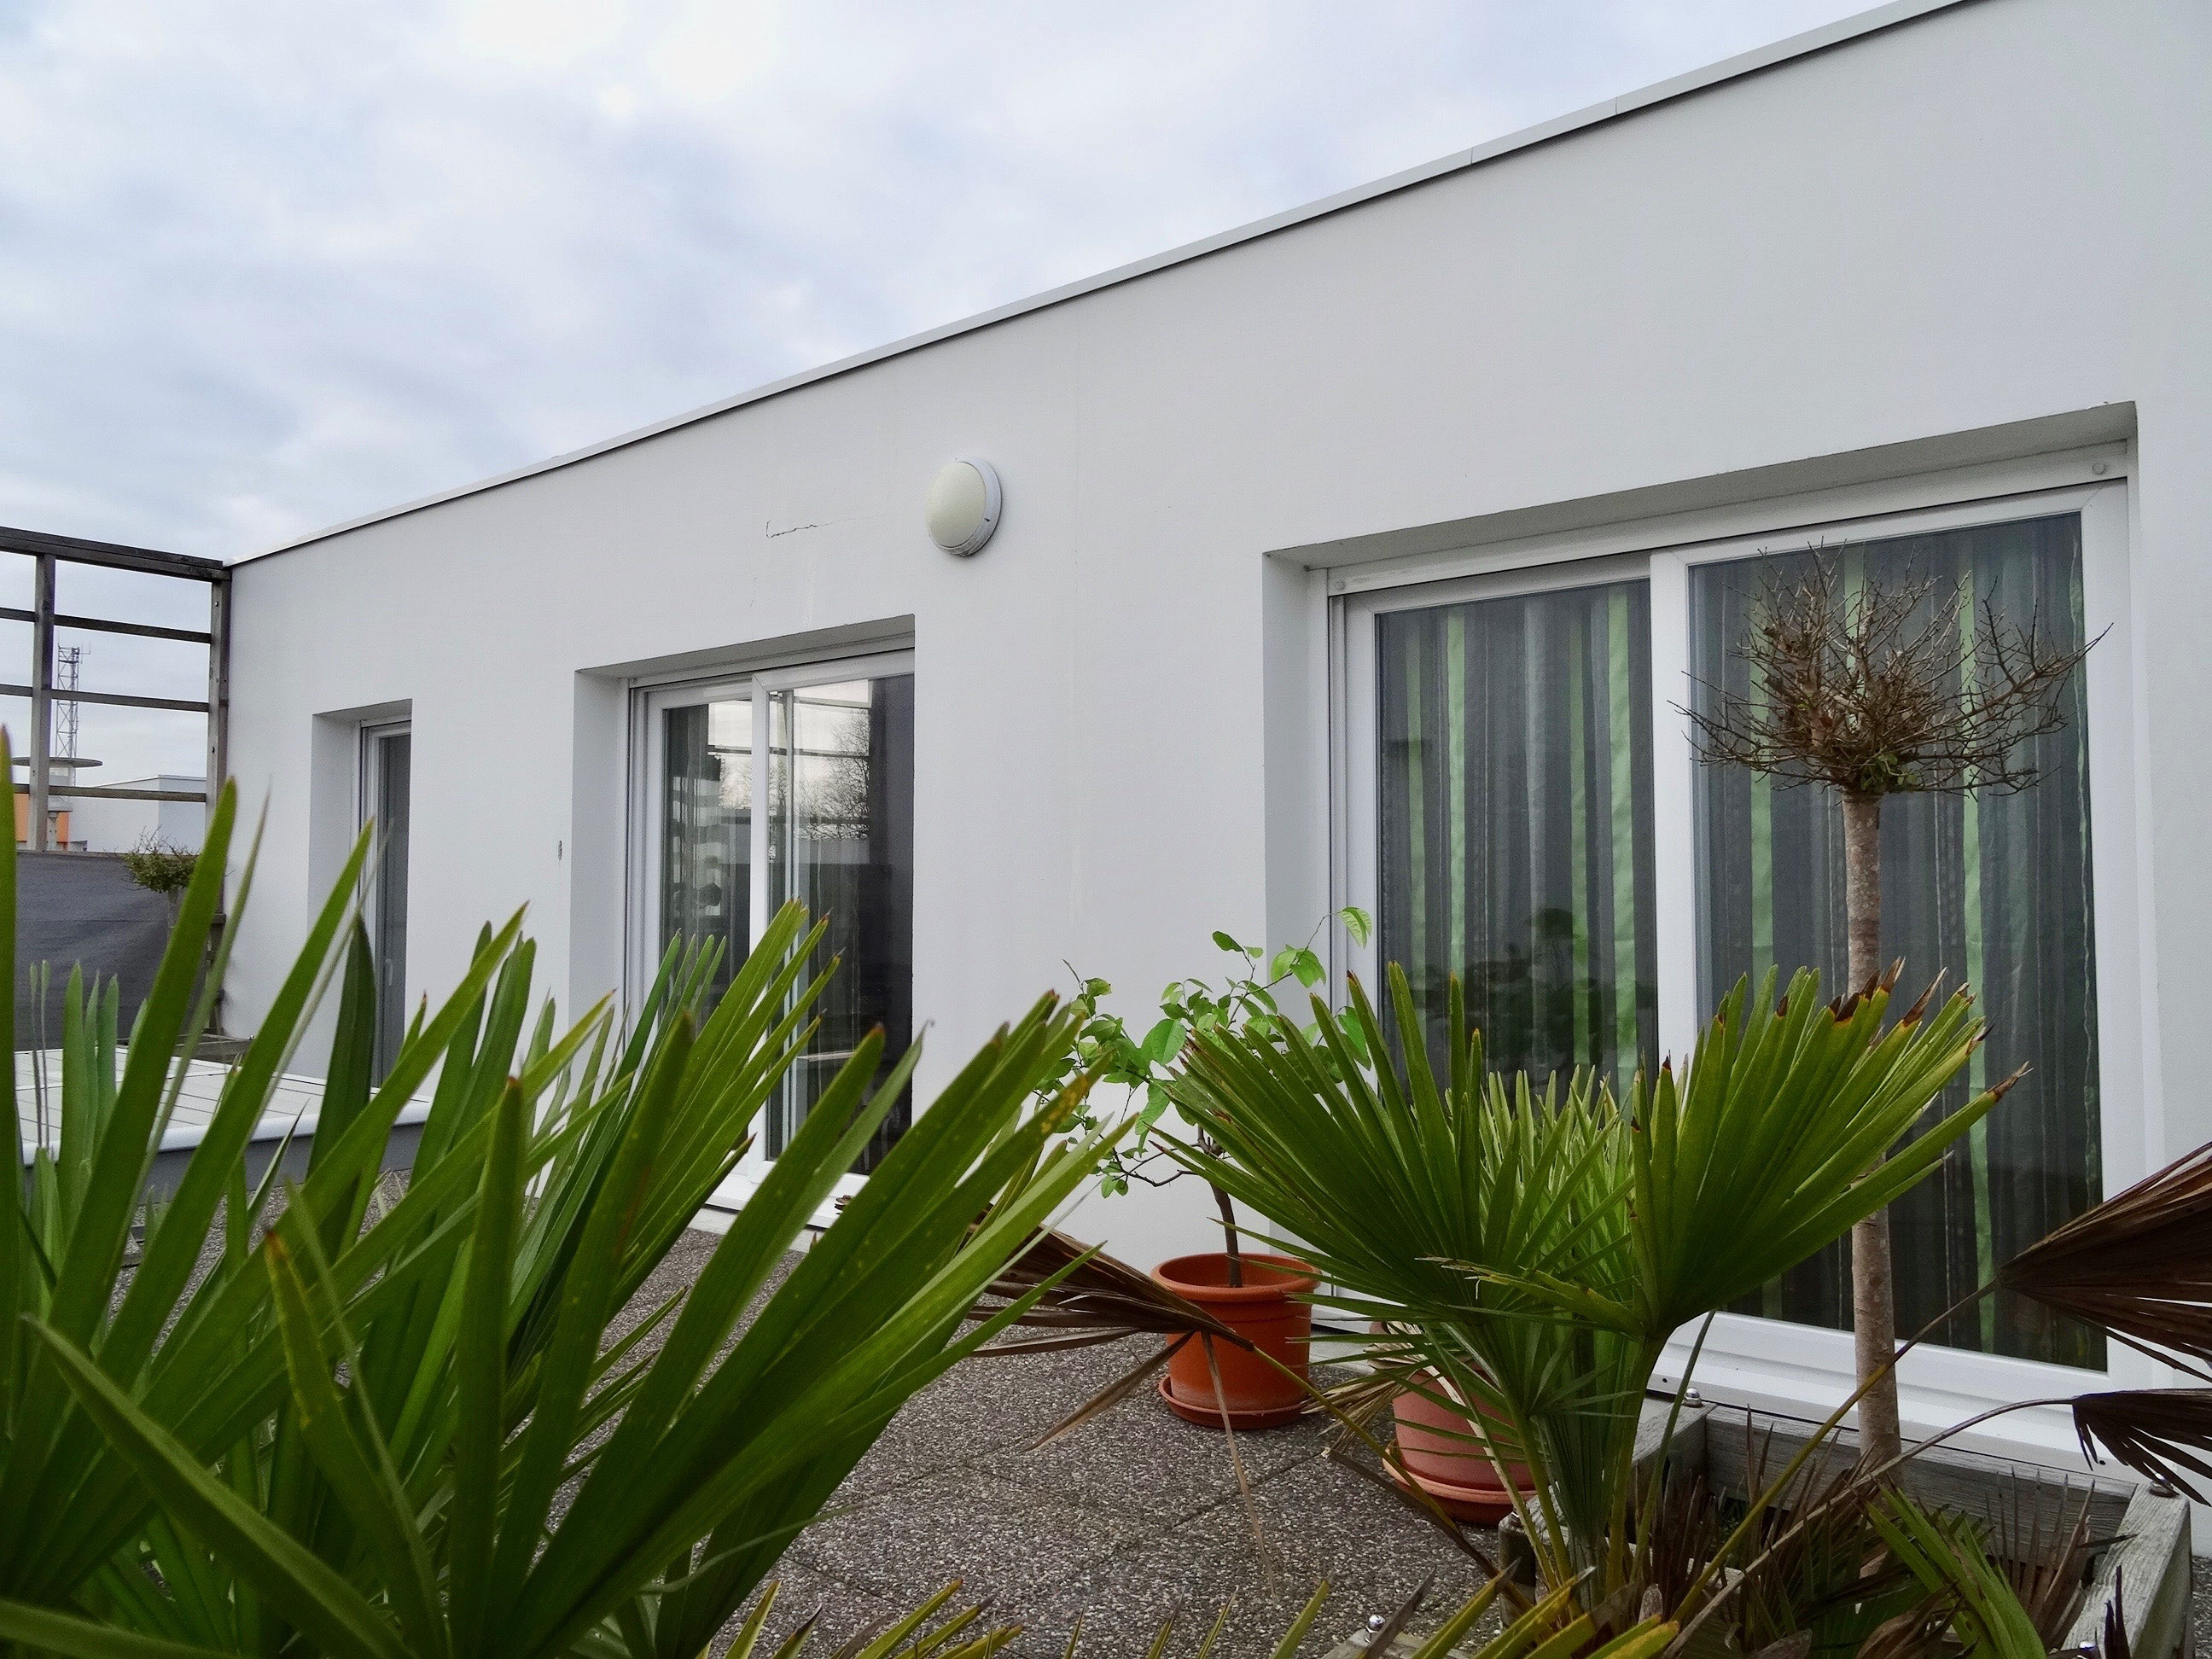 Appartement saint nazaire r f sd 173 simon for Home salon trignac